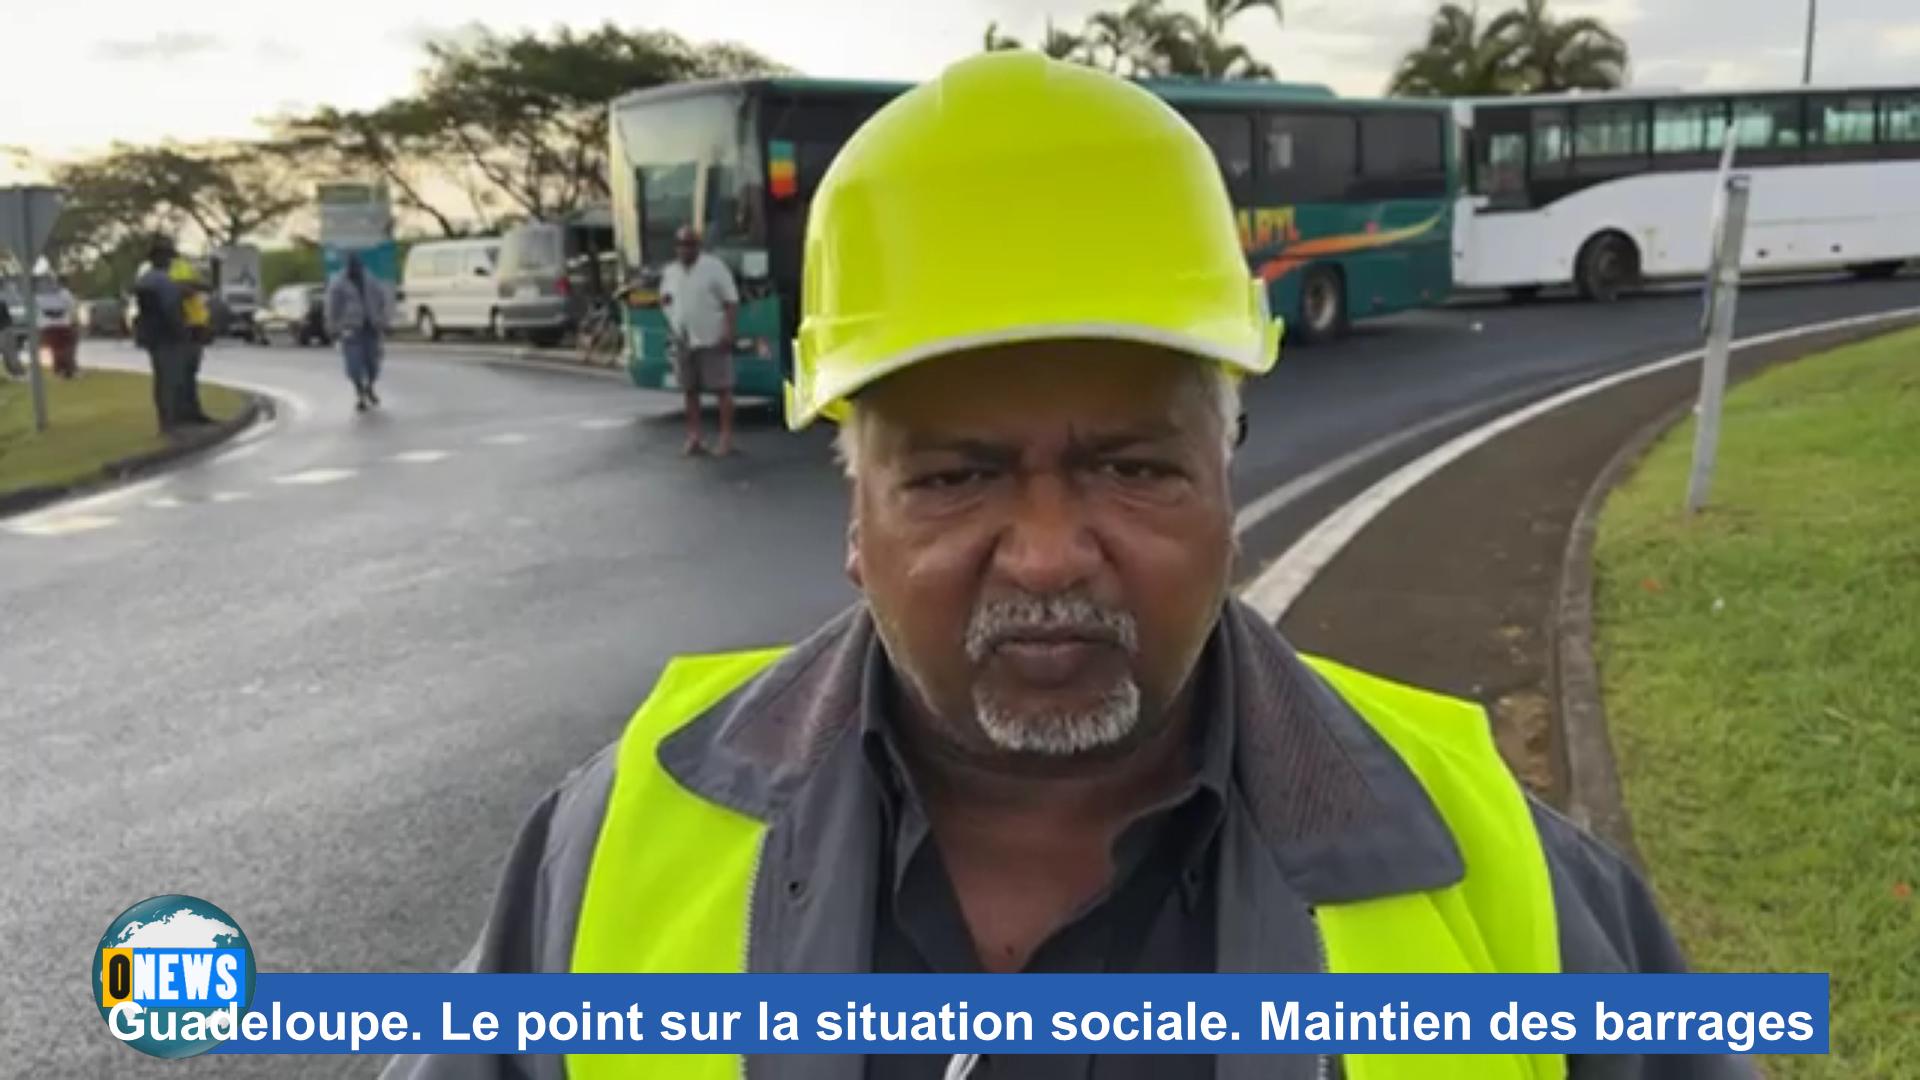 [Vidéo] Onews Guadeloupe. Le point sur la situation sociale. Maintien des barrages (images canal 10)